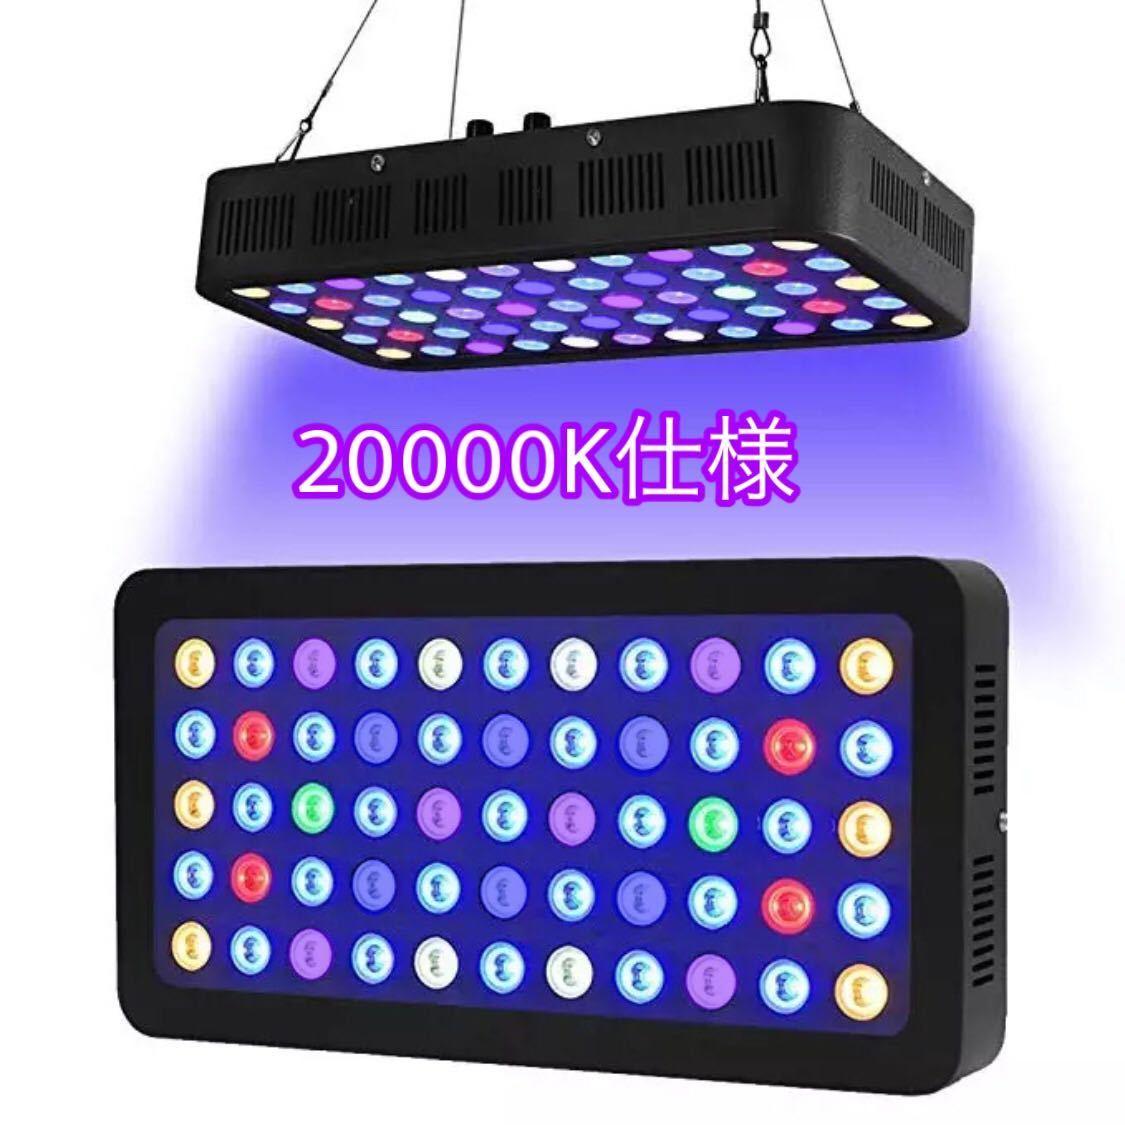 サンゴ水槽カスタムLEDライト20000kタイプ フルスペクトル165w プリズムレンズ 調光機能付き 3台セット 特価_画像1